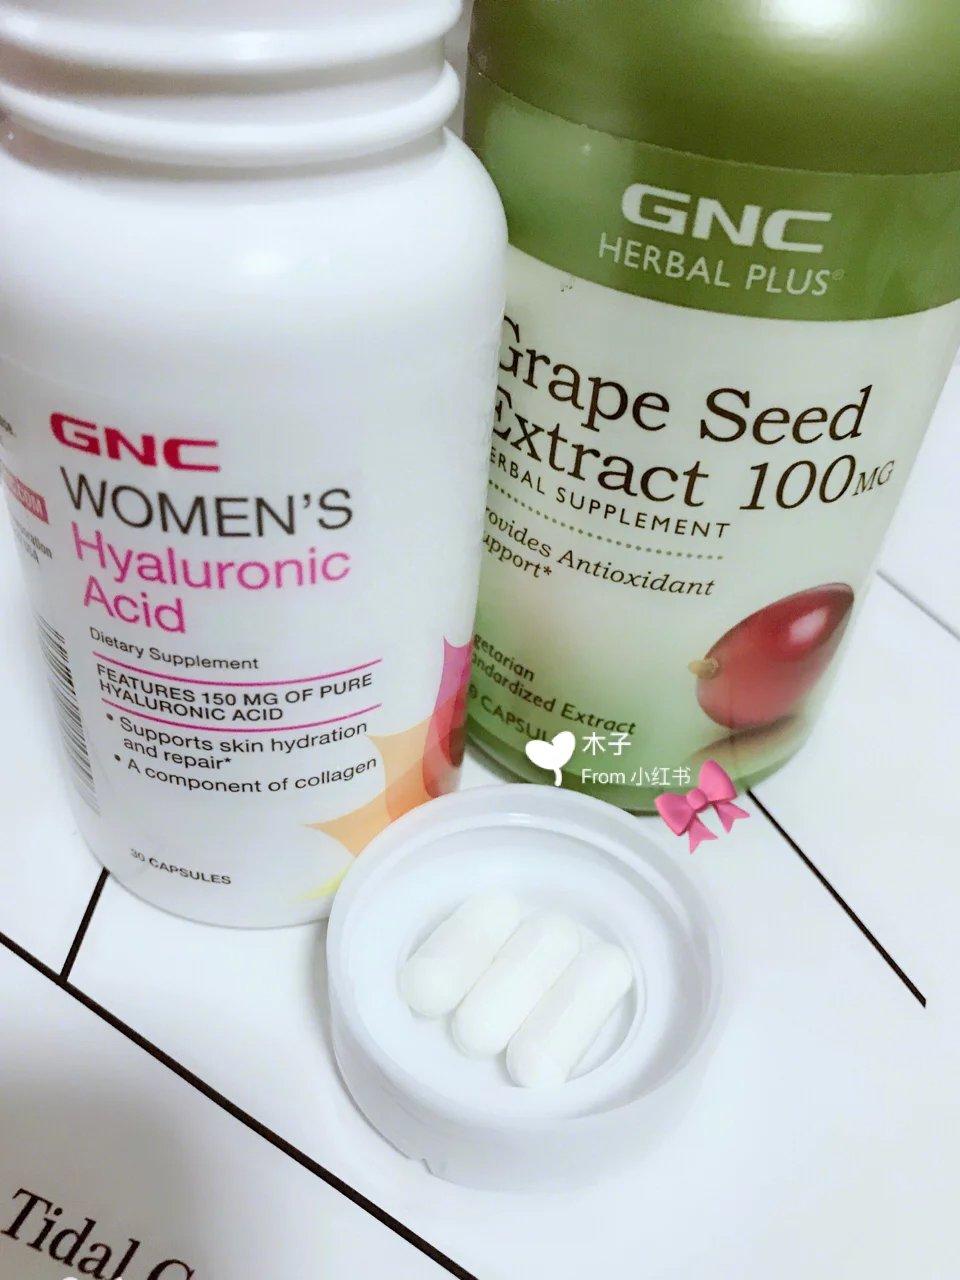 🇺🇸GNC玻尿酸 🎀在🇺🇸时一直服用GNC玻尿酸